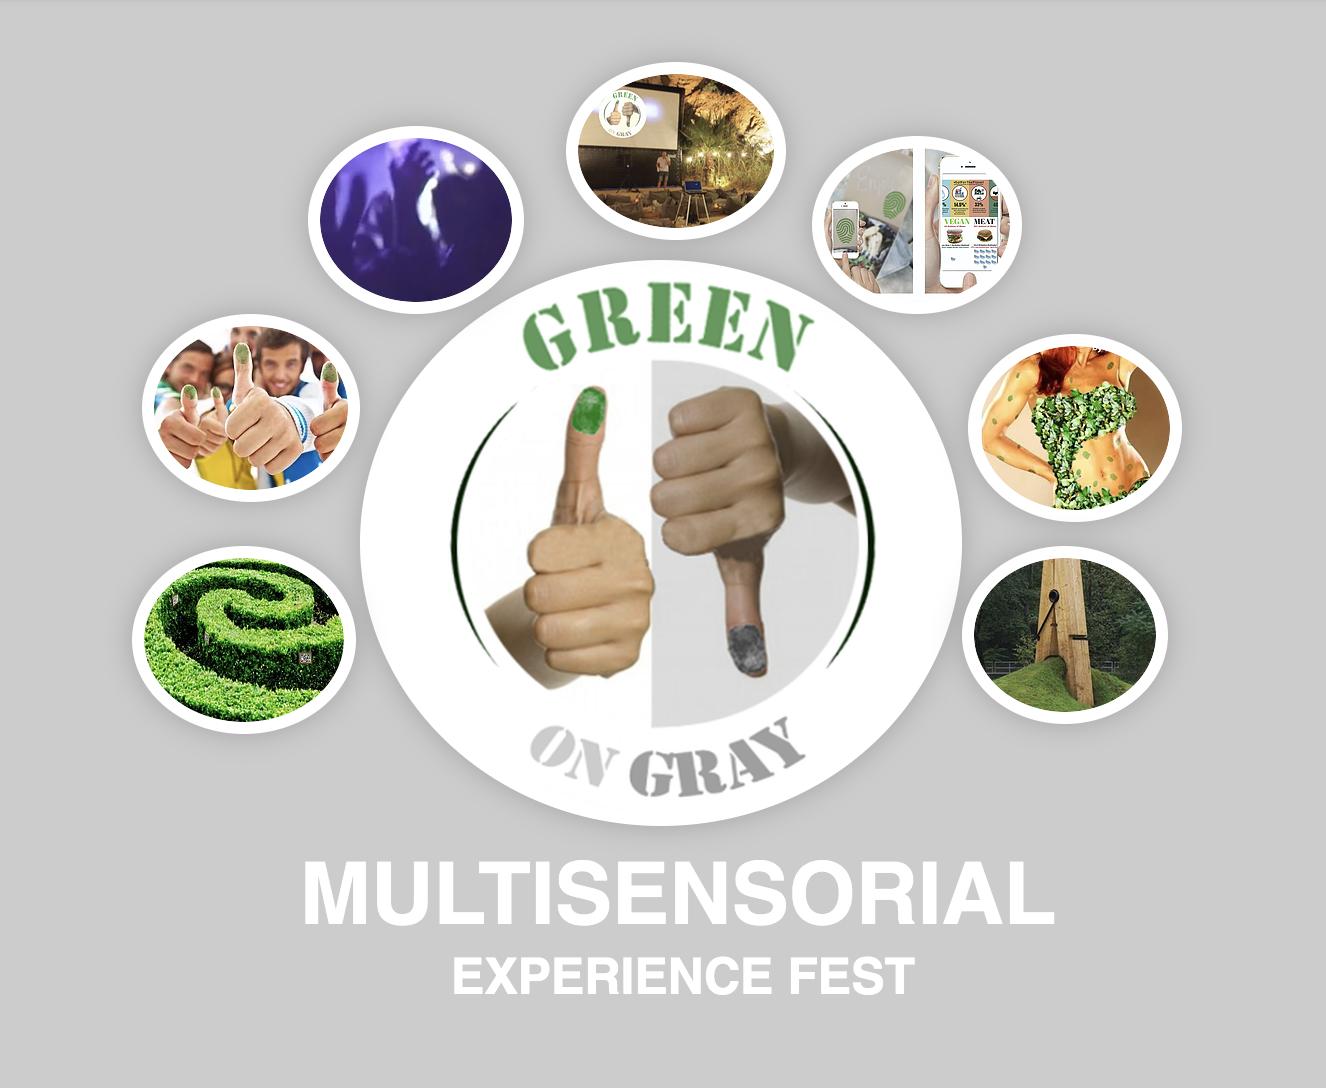 GOG MULTISENSORIAL FEST